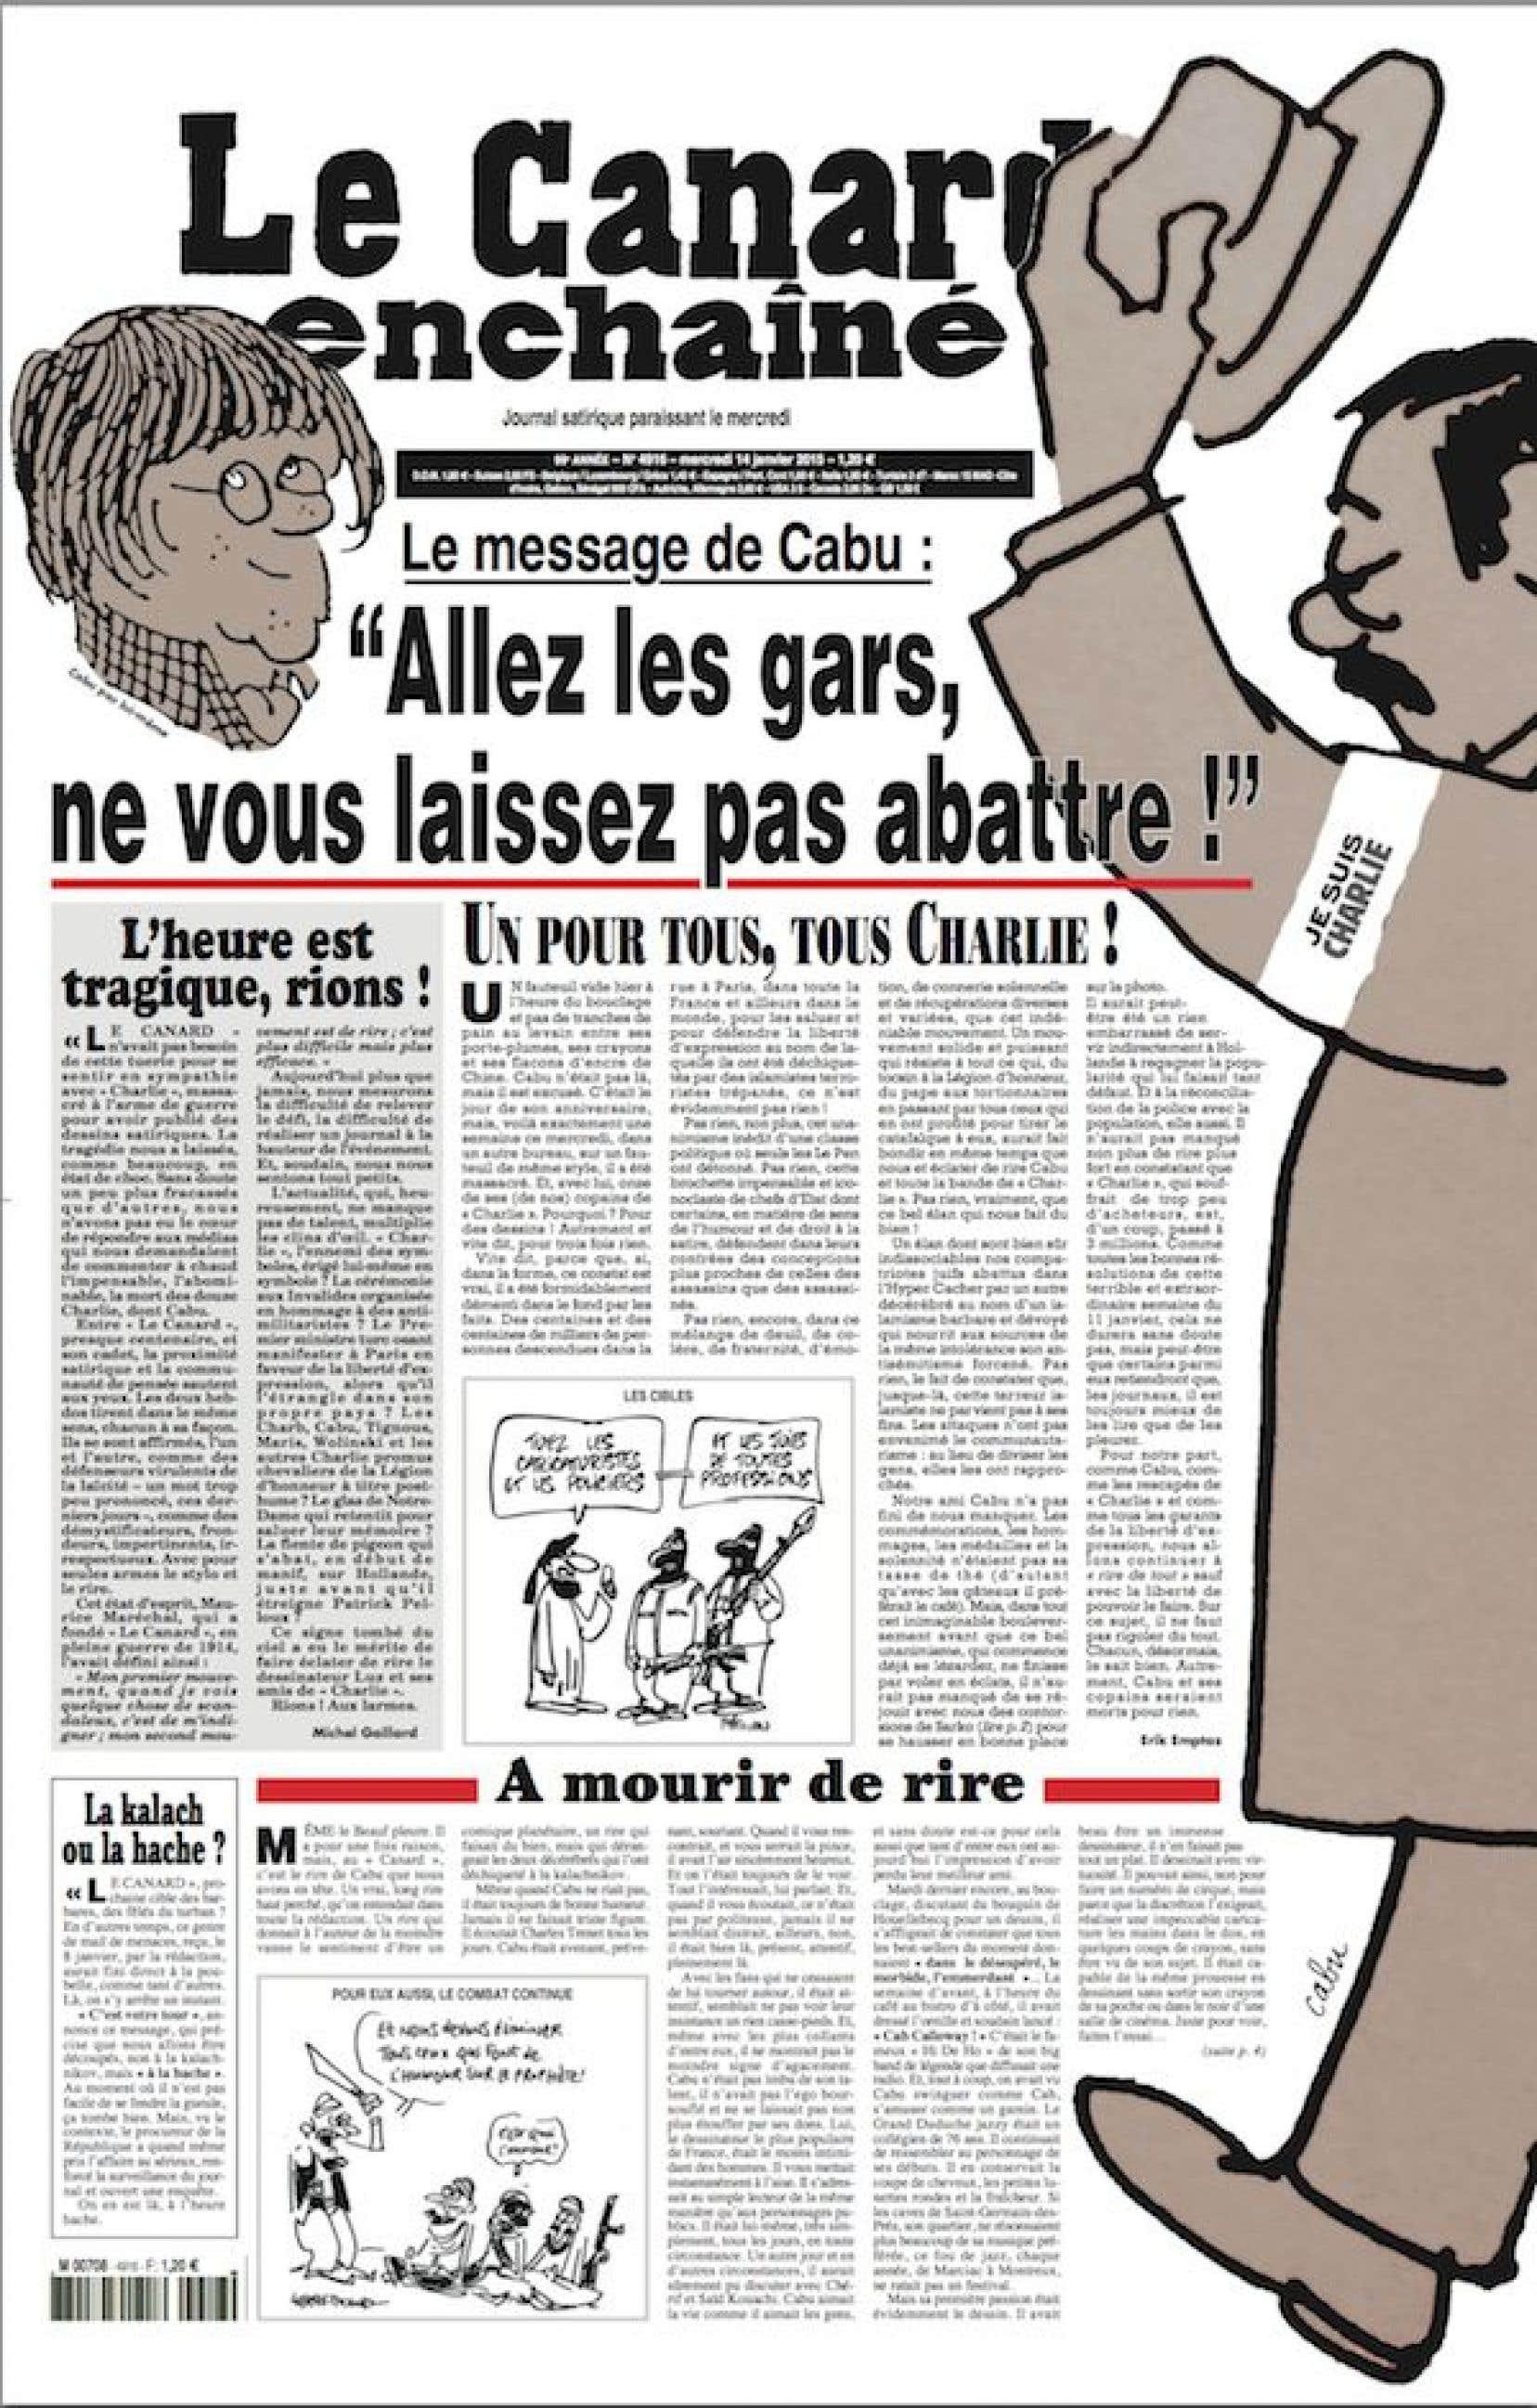 Tous les articles de la page que laisse circuler le Canard traitent de l'attentat àCharlie Hebdo.